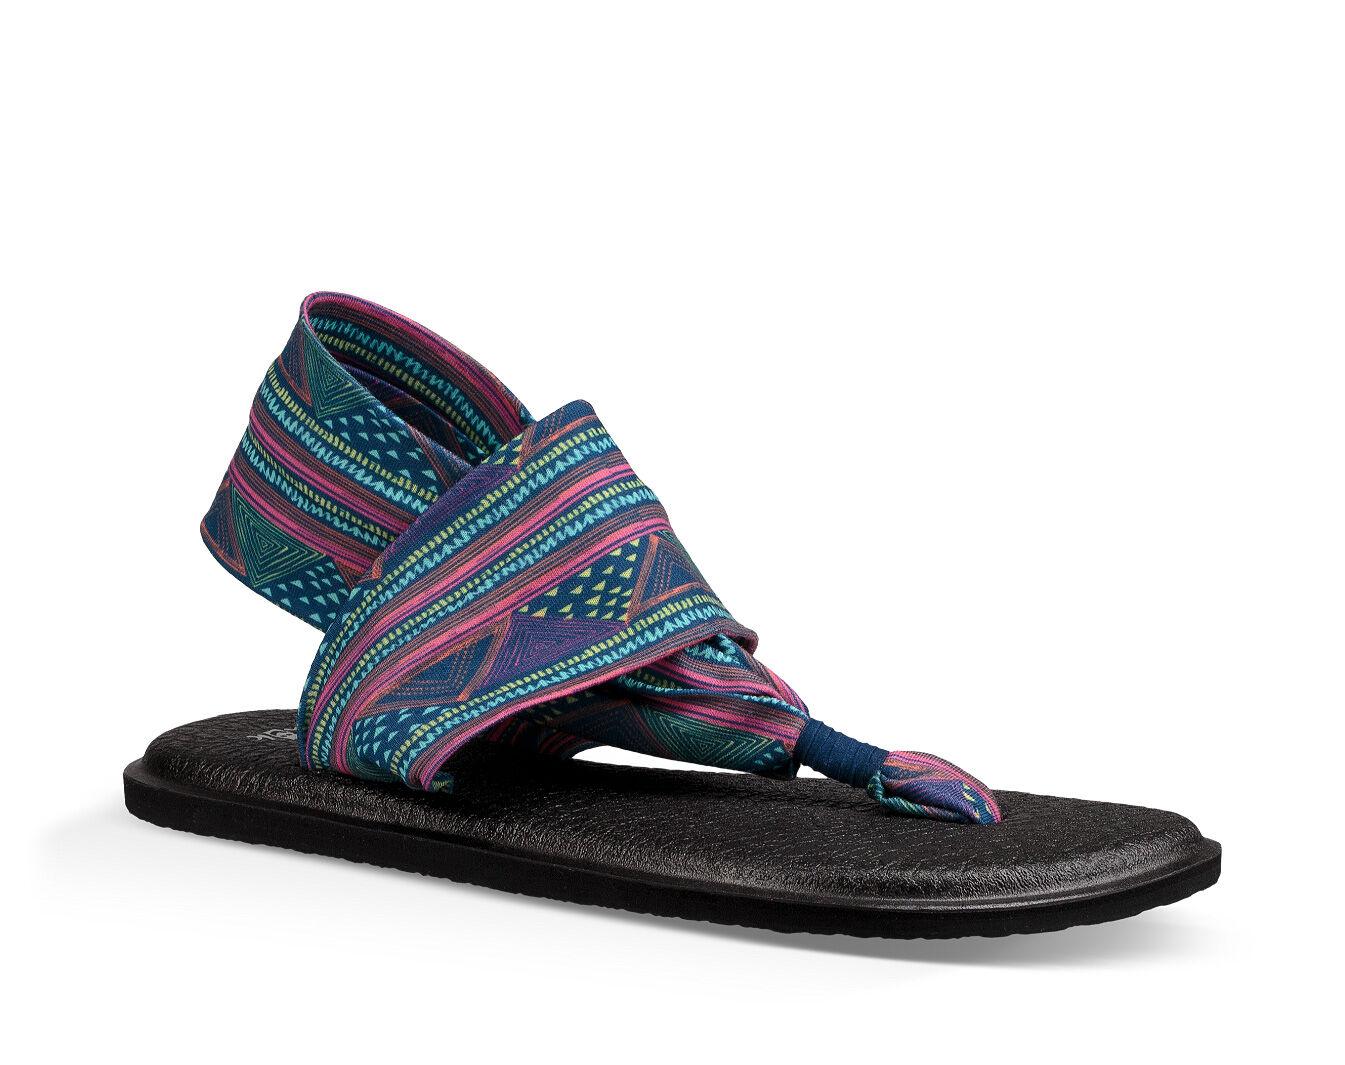 Yoga Sling It On Prints Sandal - Mujer Dusty Purple / Multi 7 mYW6B